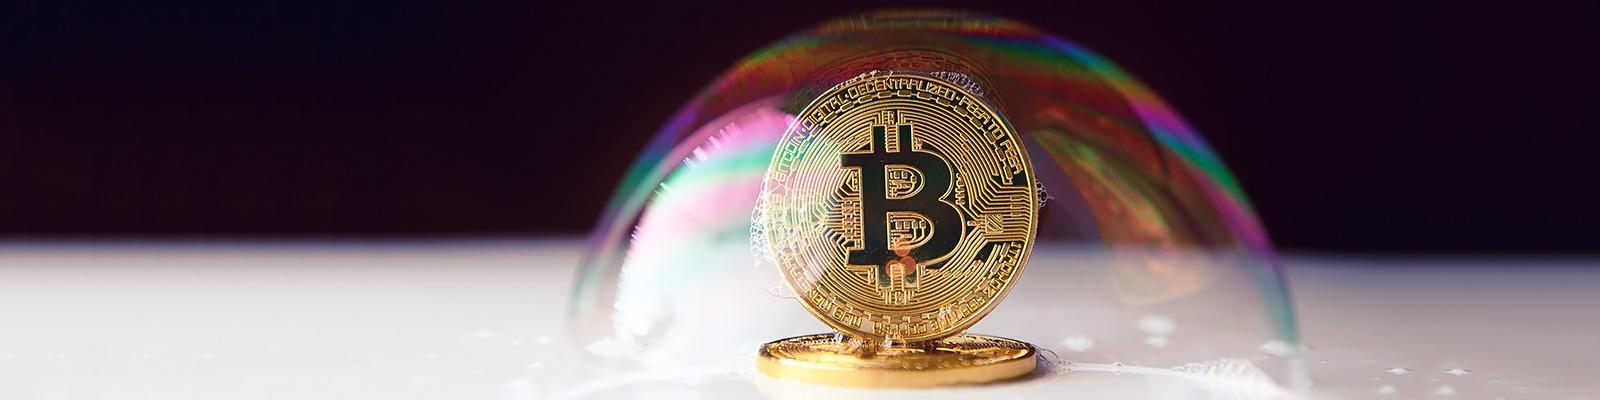 ビットコイン バブル イメージ